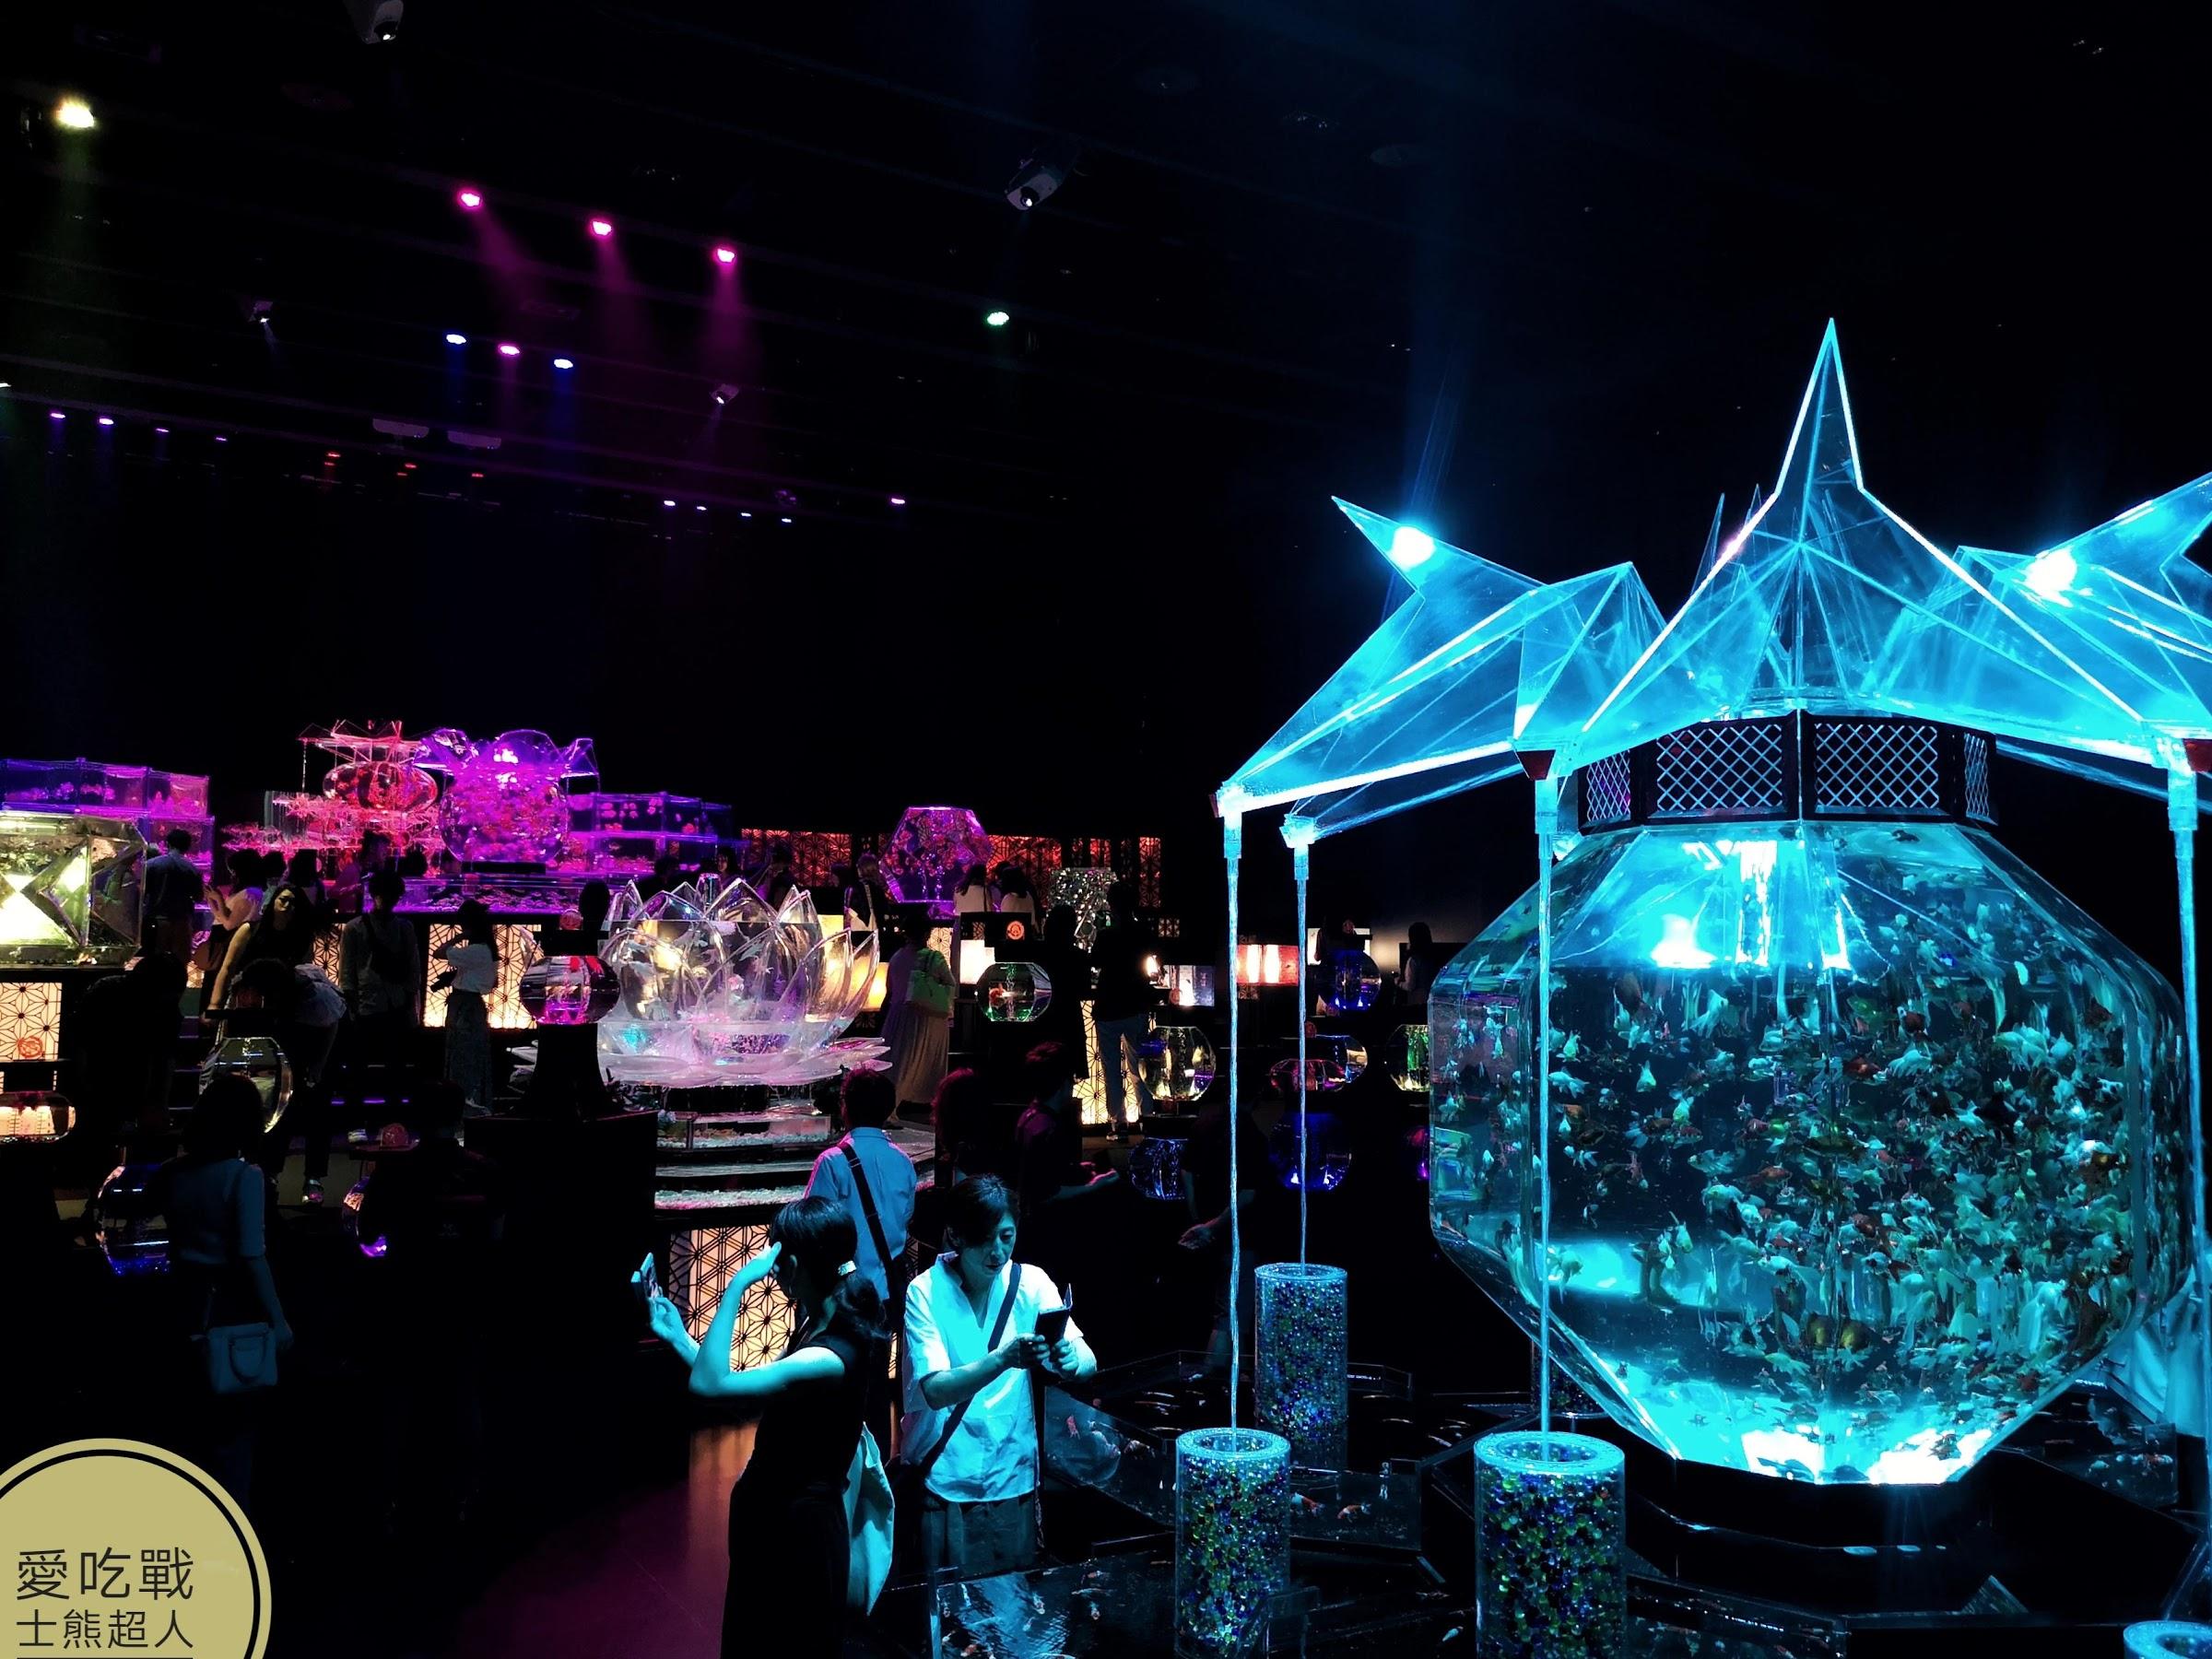 。東京 日本橋。東京超壯觀金魚展+燈光秀:水族藝術誕生10週年記念祭-江戶、金魚夏夜涼意展